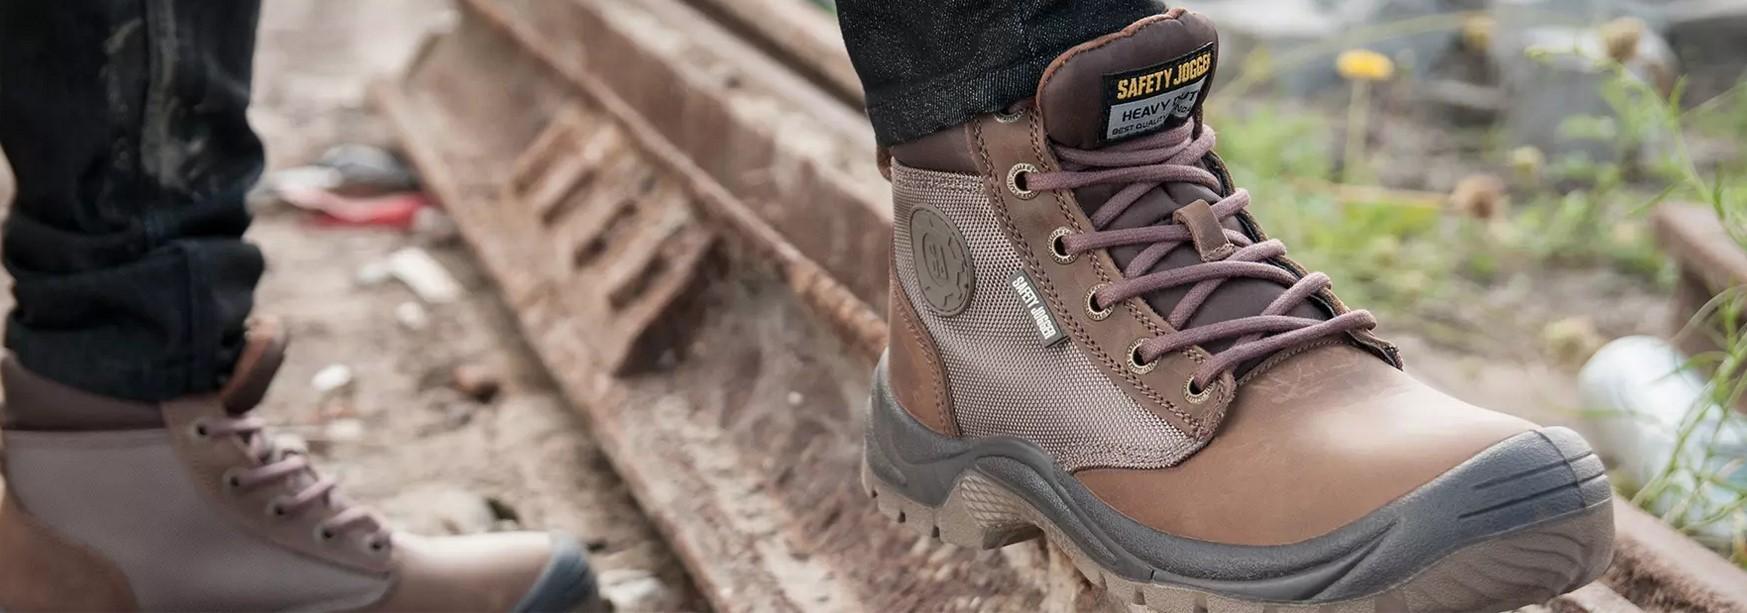 Chaussures sécurité montantes : baskets et tennis hautes pour protection travail